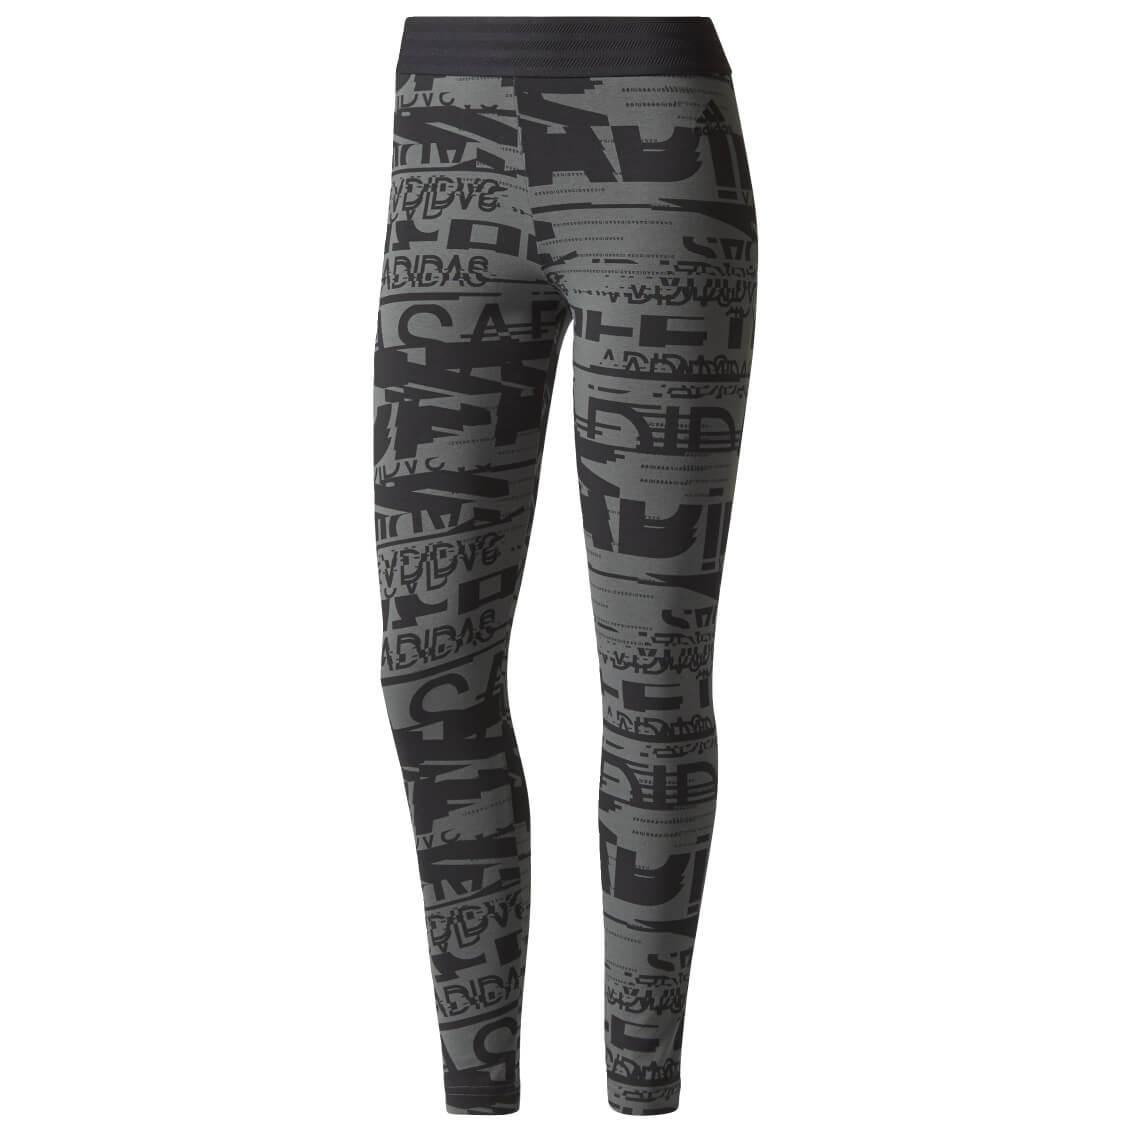 Femme Sport De En Adidas Pantalon Id Tight Training Achat Aop n4qwH0RwF